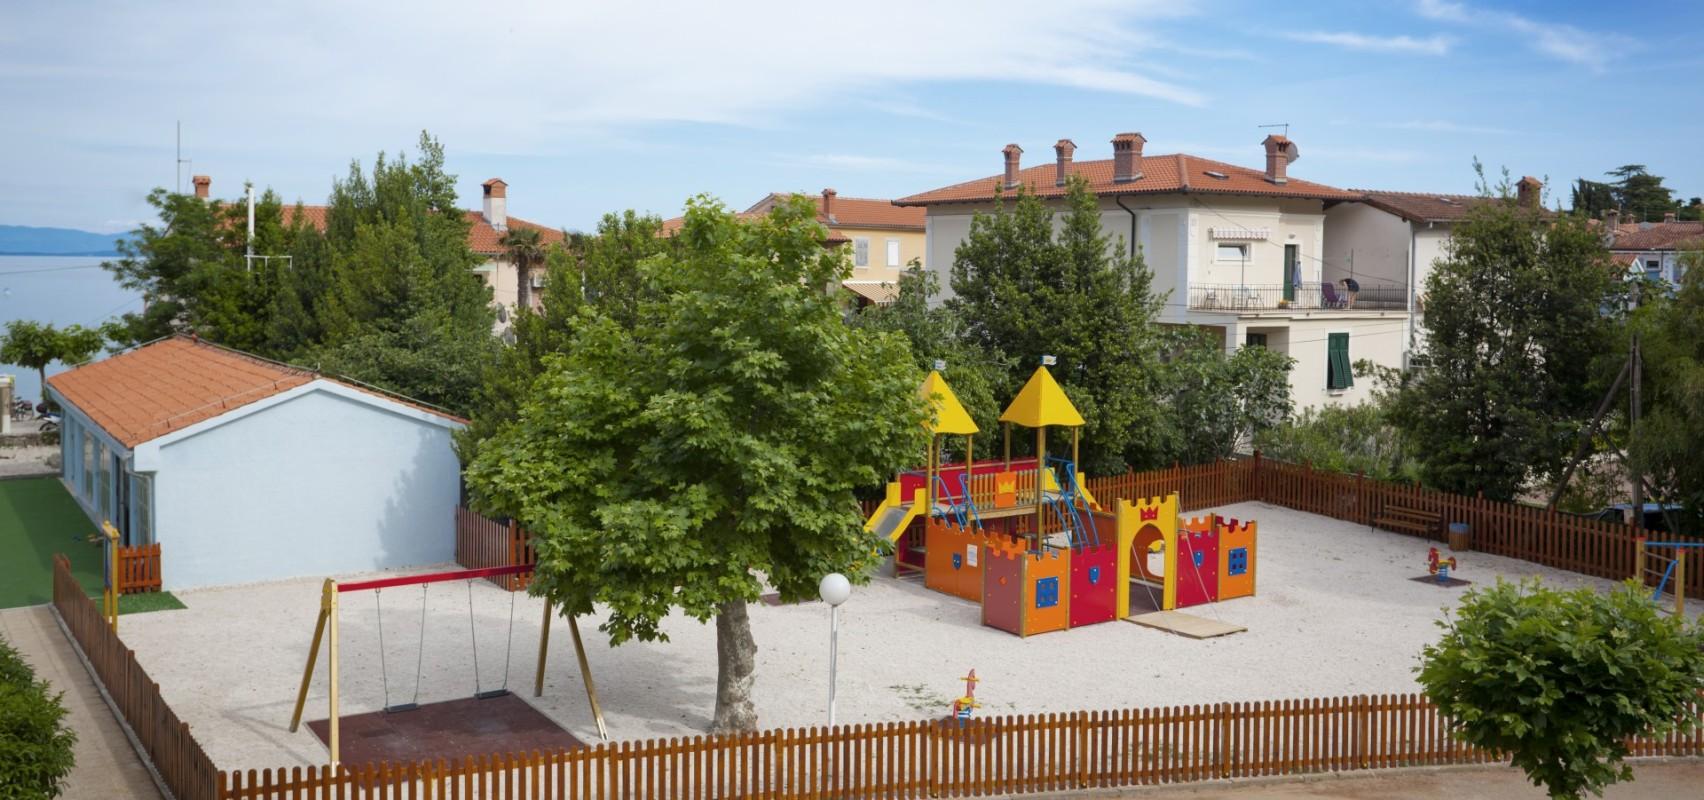 Hotel Marina Moscenicka Draga  U2013 Riviera Opatija  U2013 Remisens